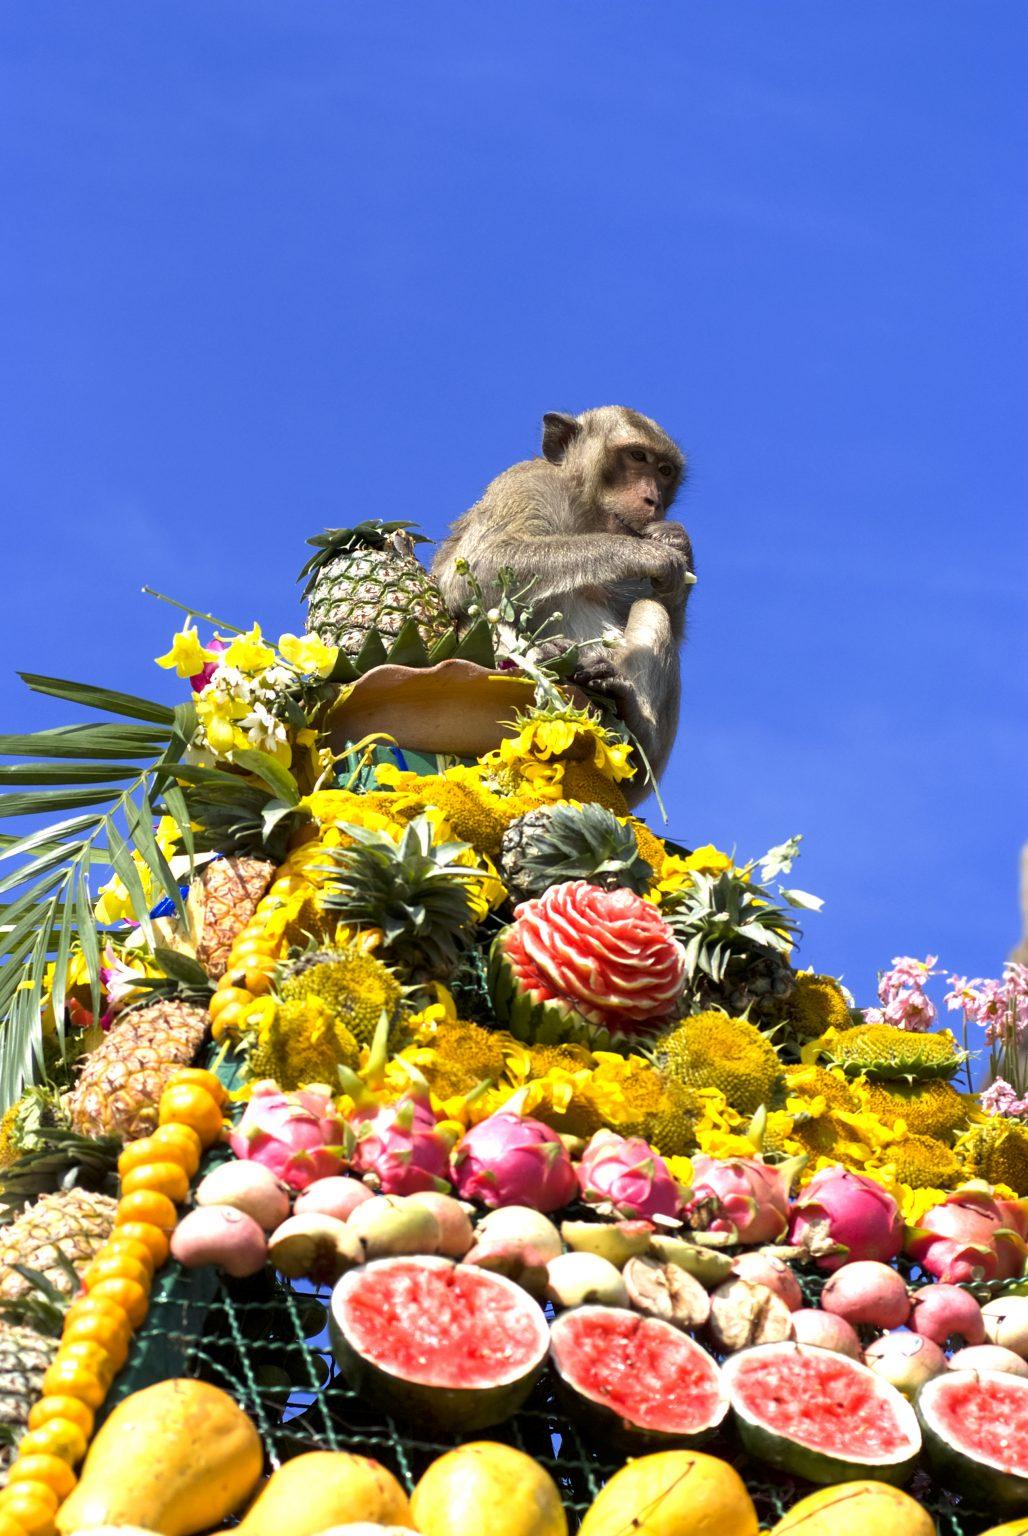 猴子自助餐節(Monkey Buffet Festival)是泰國華富里府(Lopburi Province)行之有年的節日(圖片來源:shutterstock)